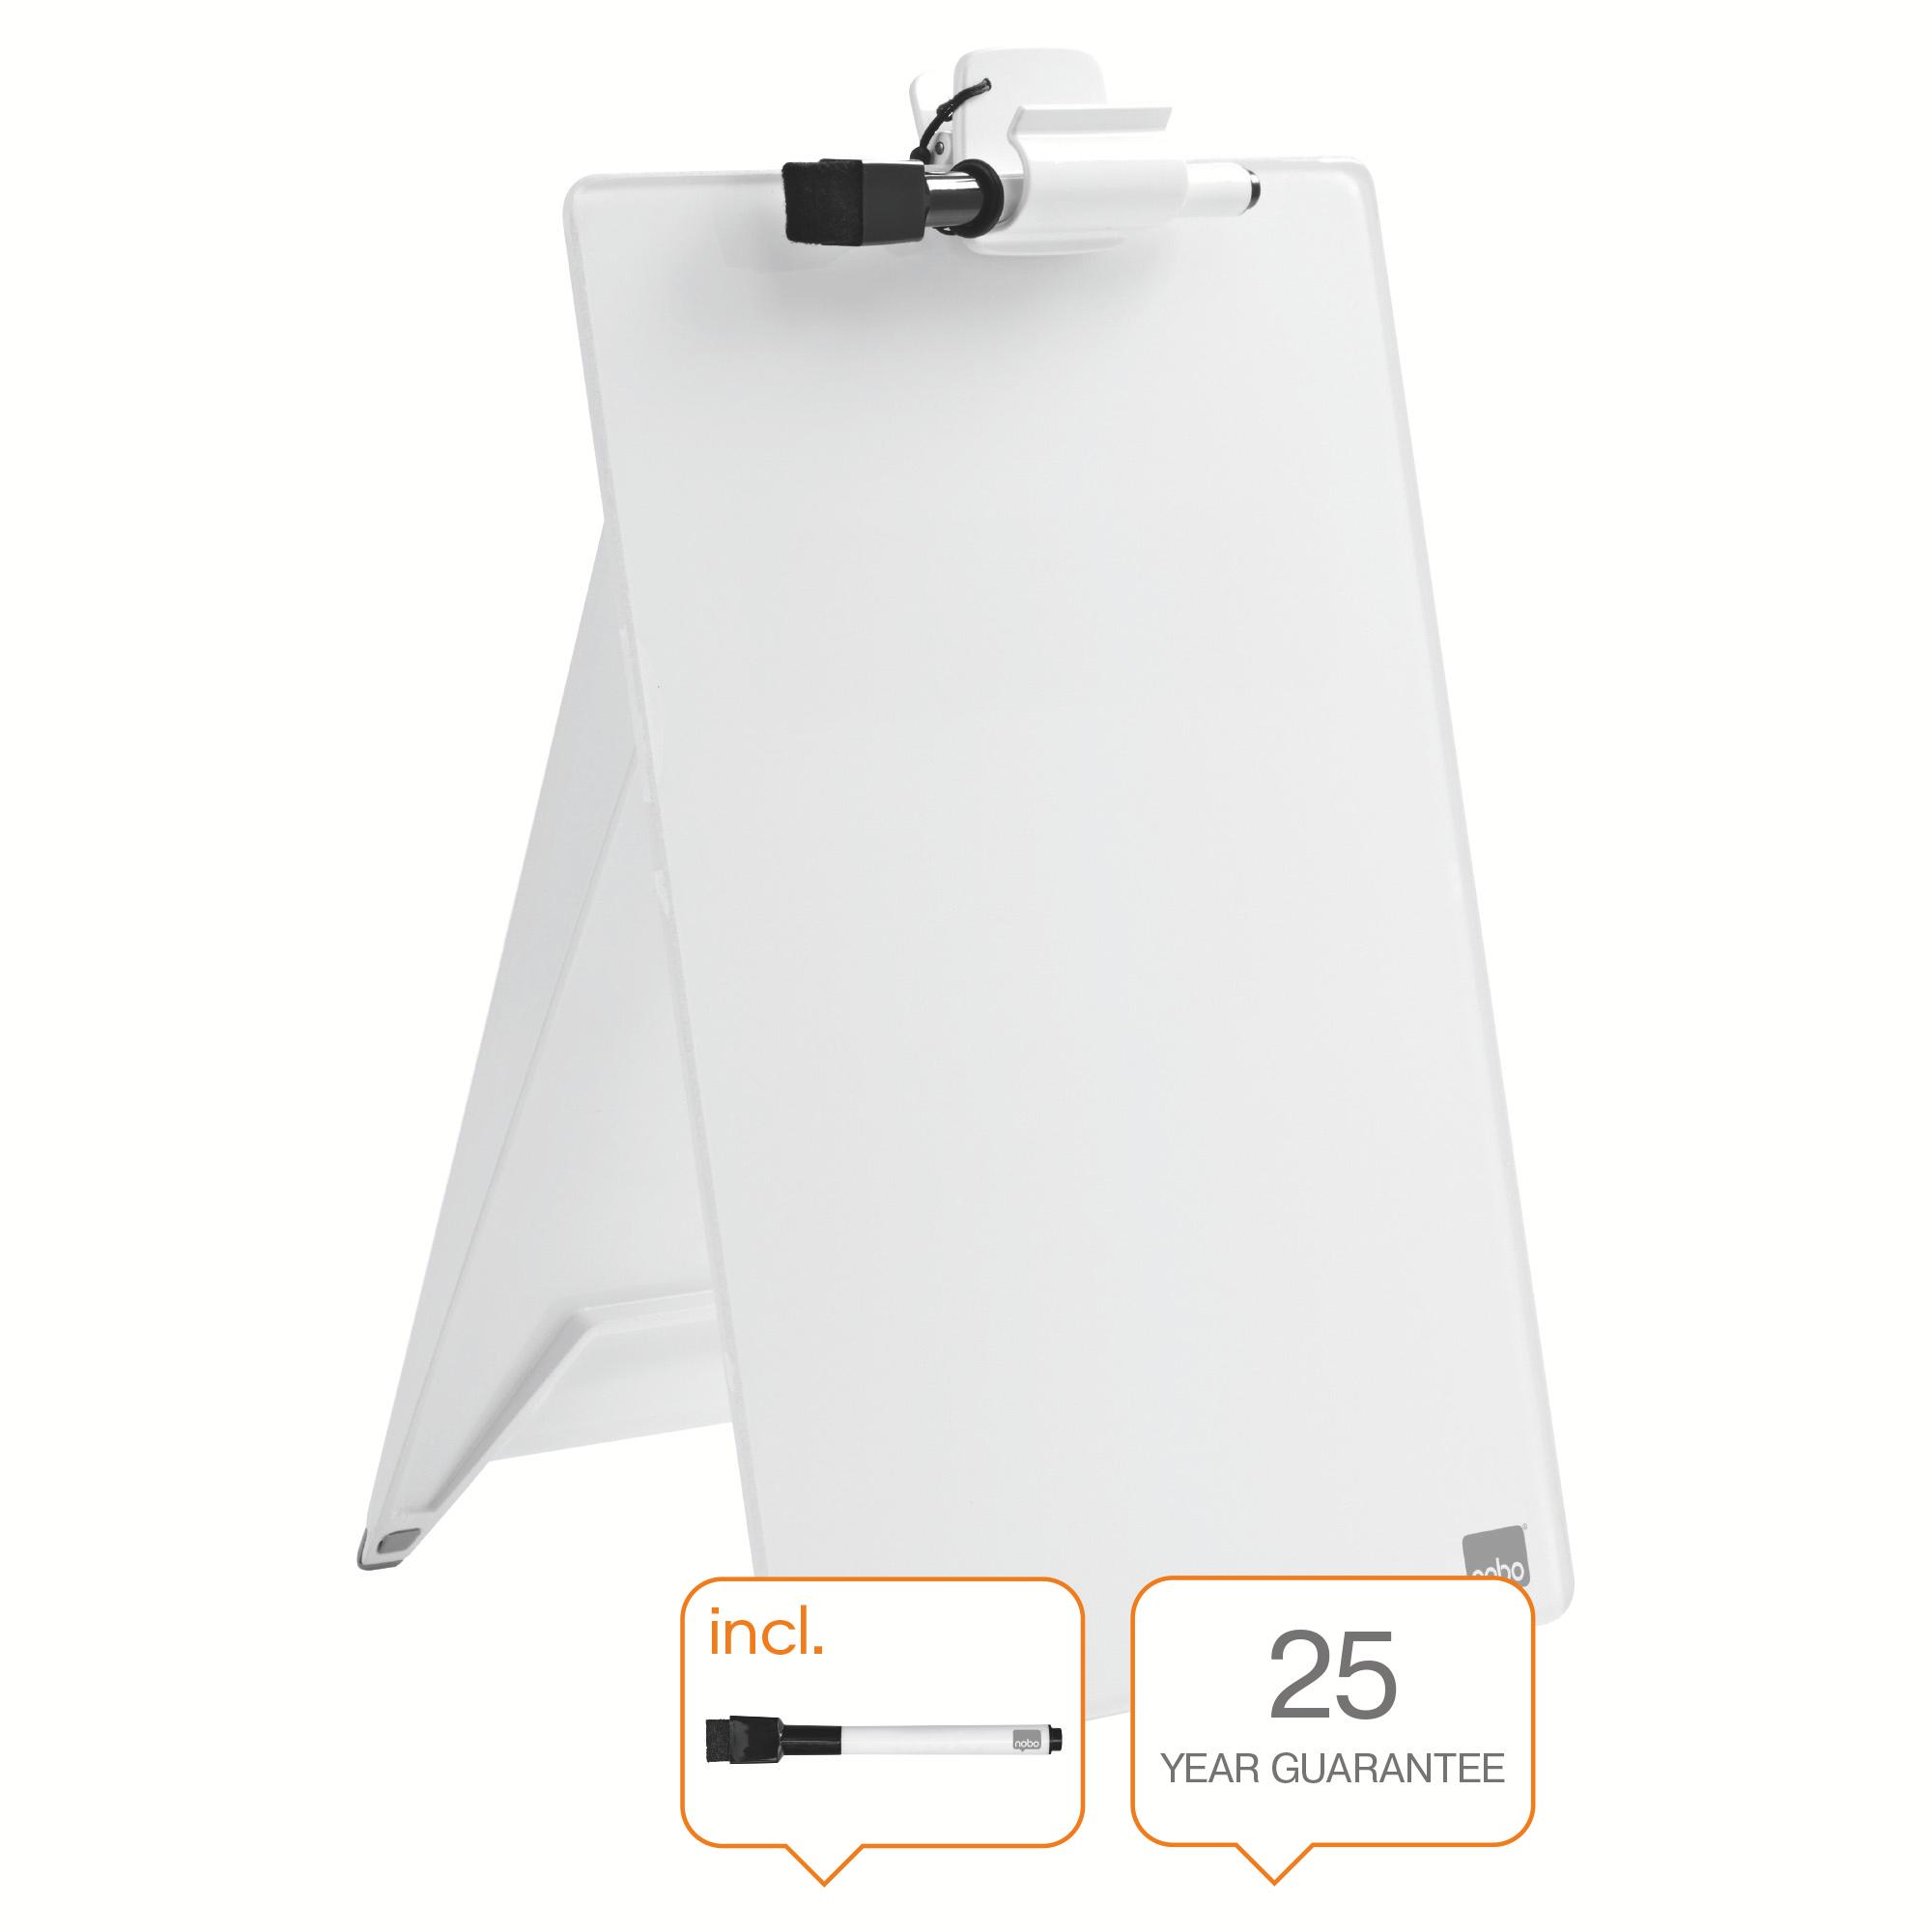 Non-Magnetic Nobo Glass Desktop Whiteboard Easel Brilliant White